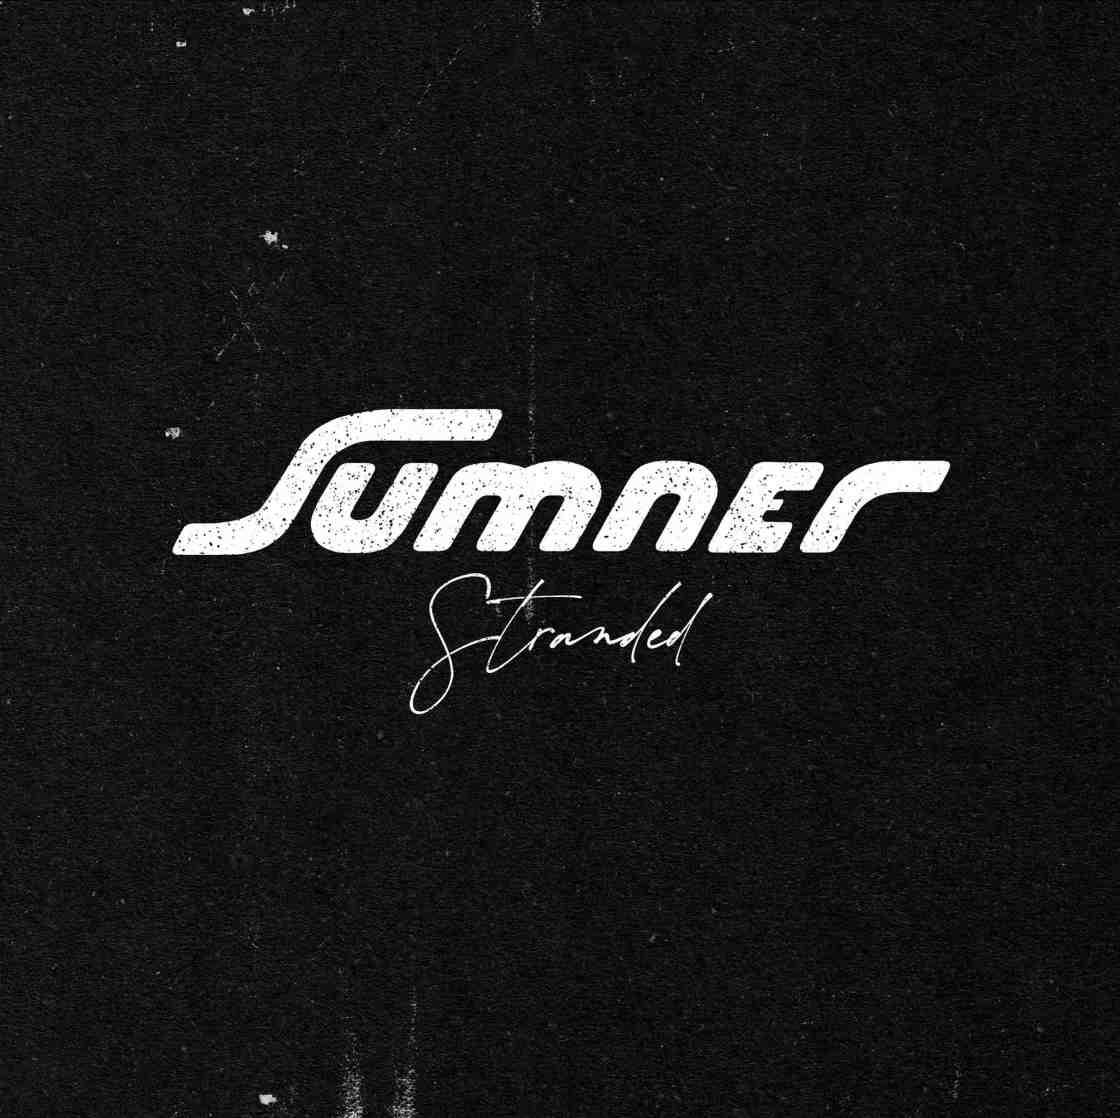 Sumner - Stranded